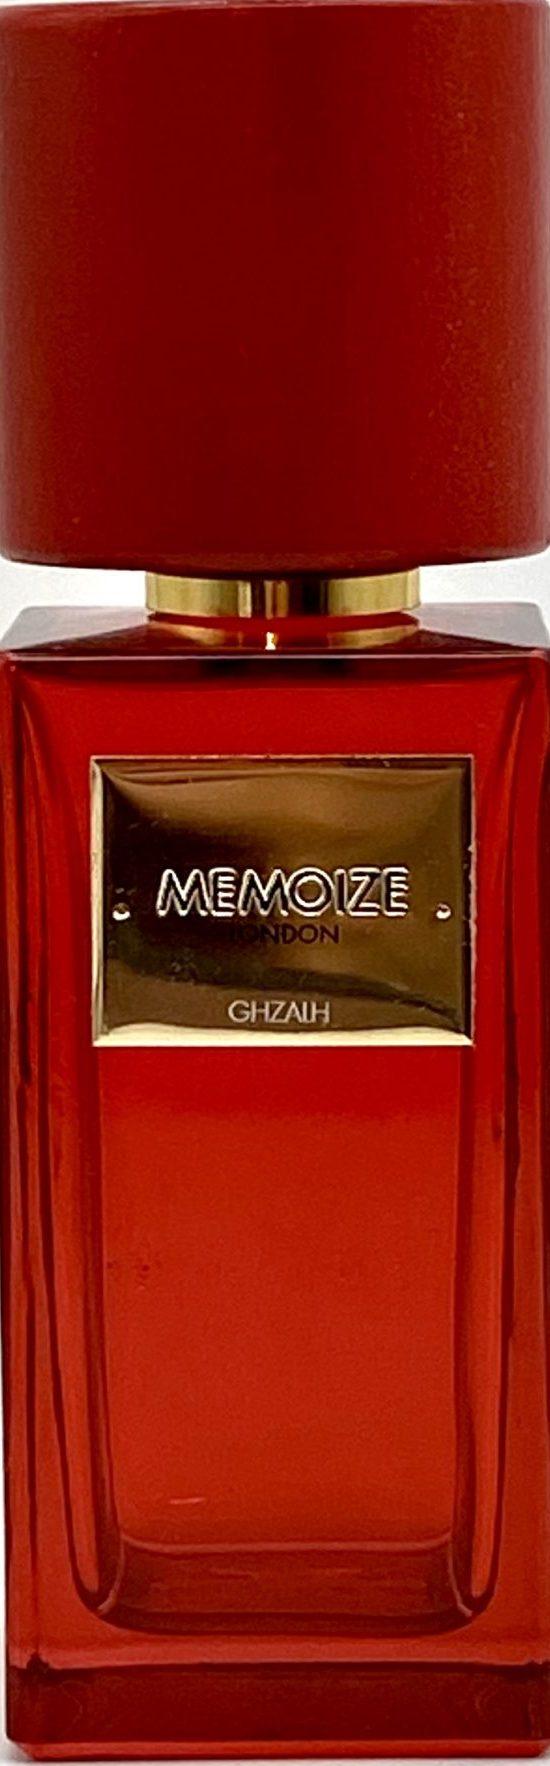 MEMOIZE_LONDON_GHZALH